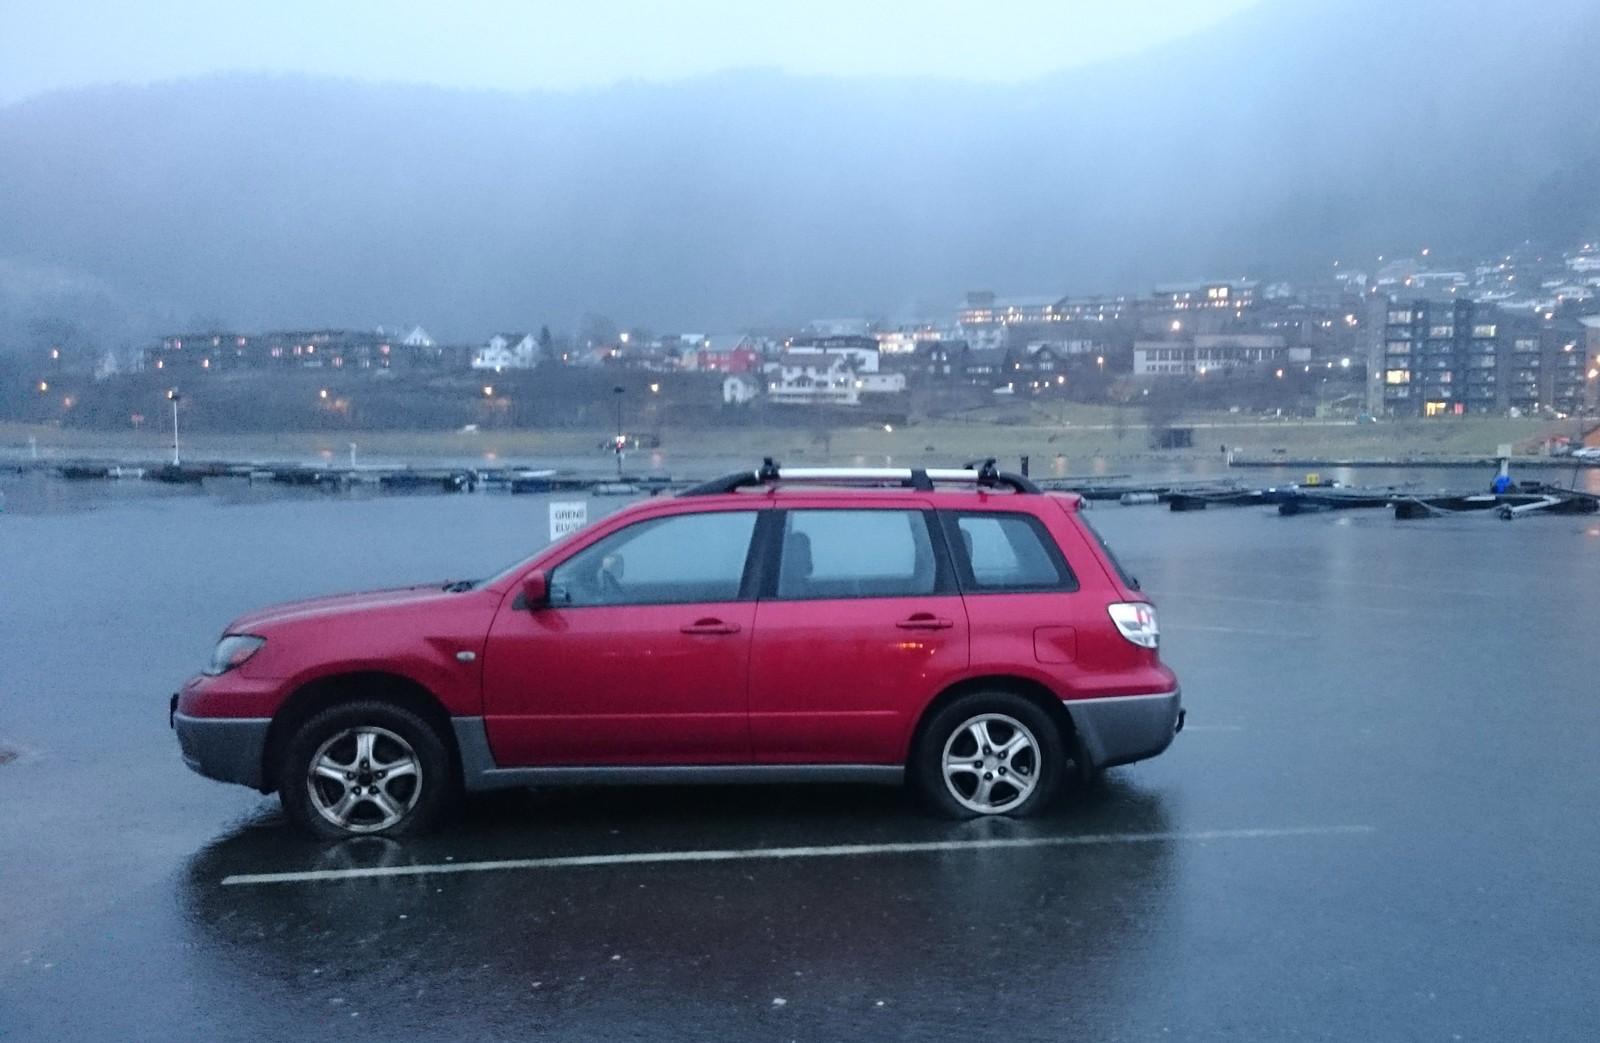 VÅTT OG GRÅTT: Vannet nådde nesten denne bilen som hadde parkert ved Øyrane torg i Arna.